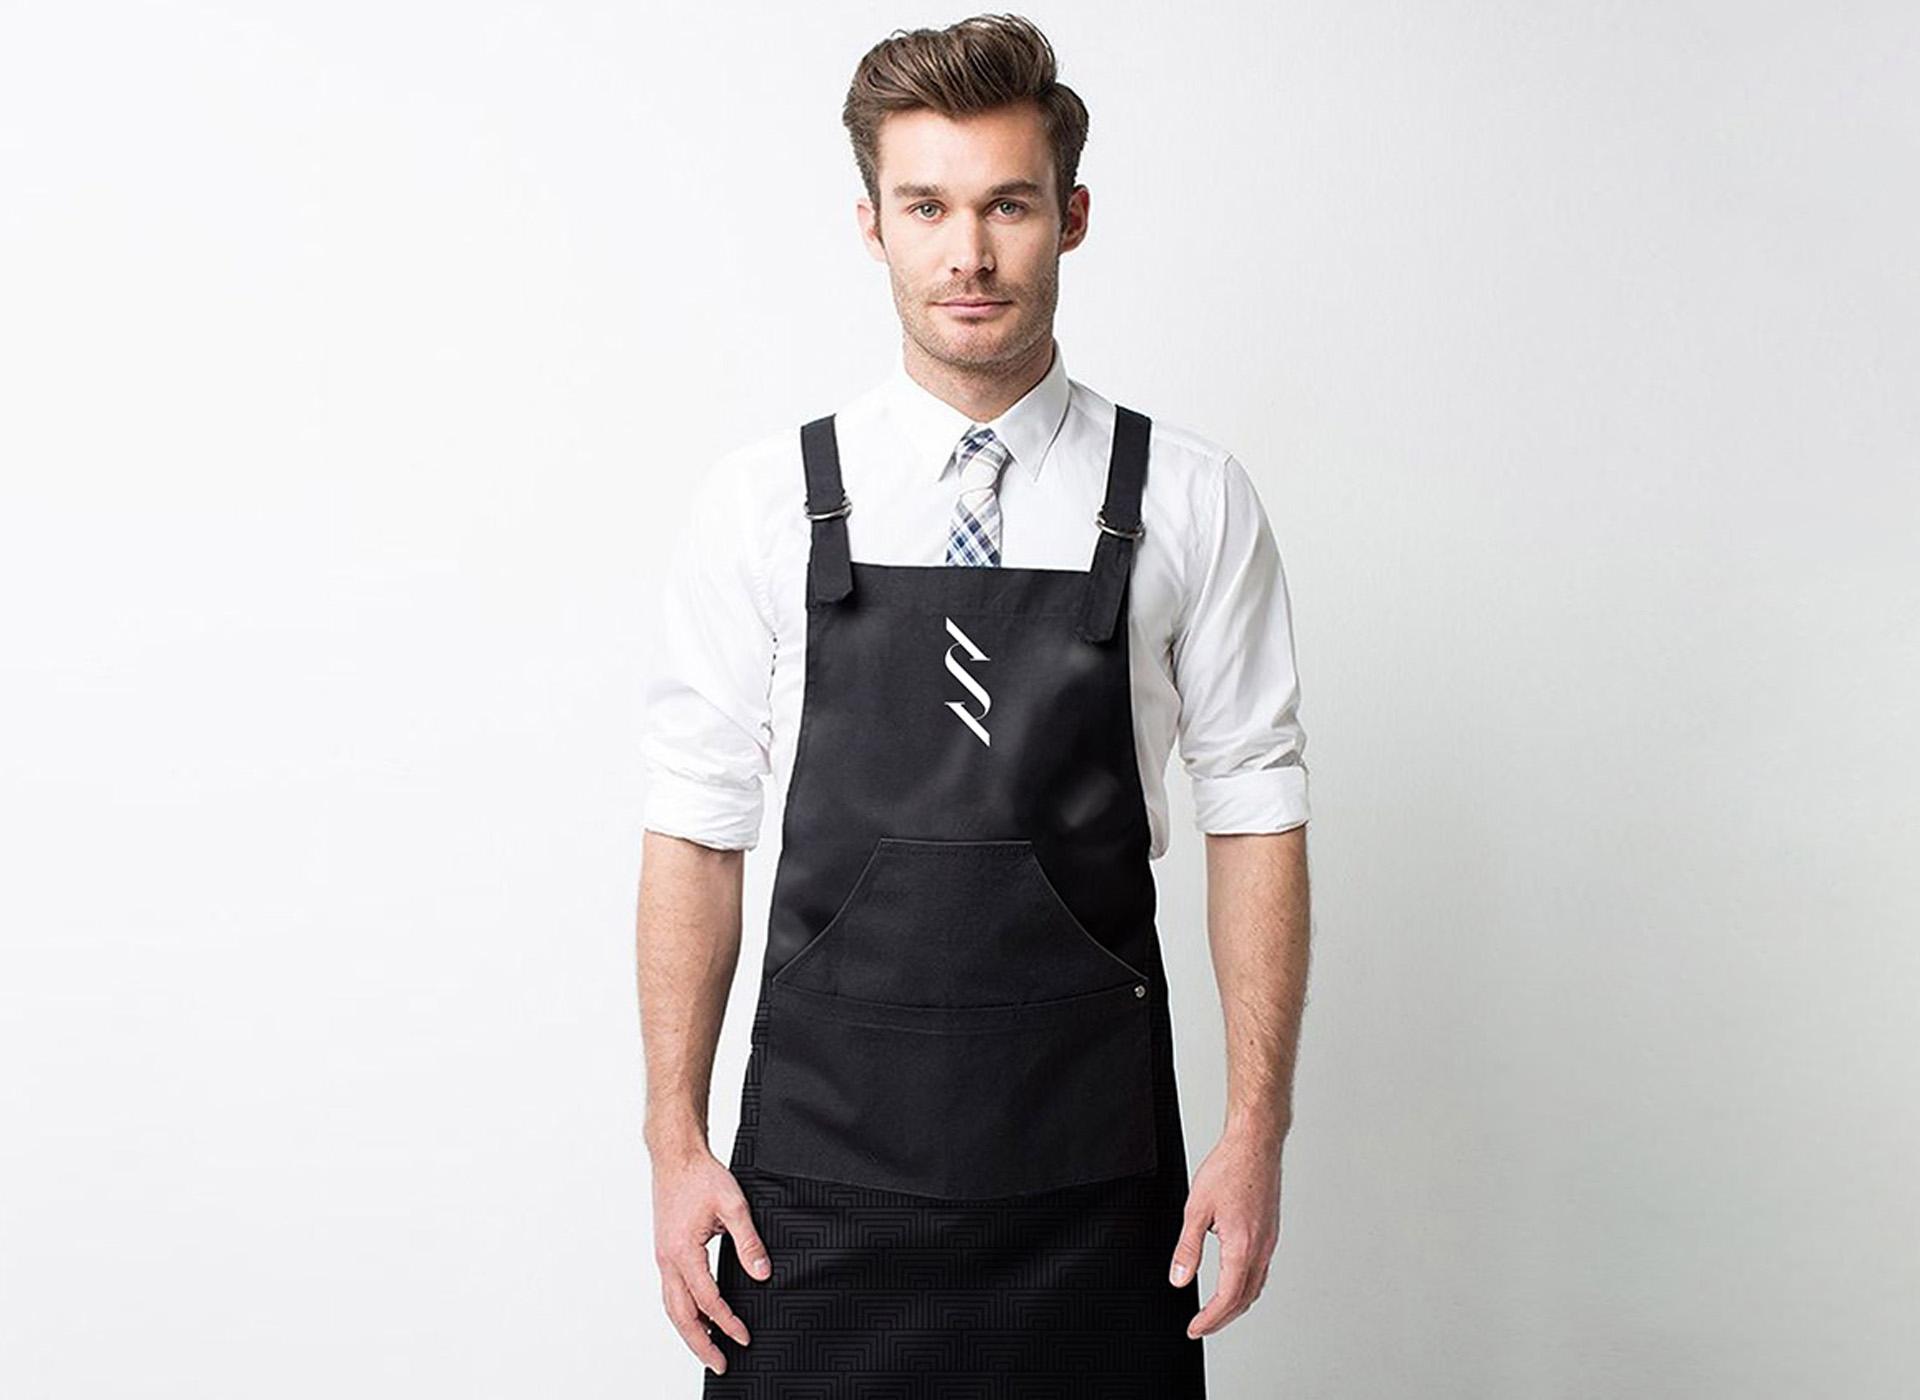 Sertus uniform branding inoveo